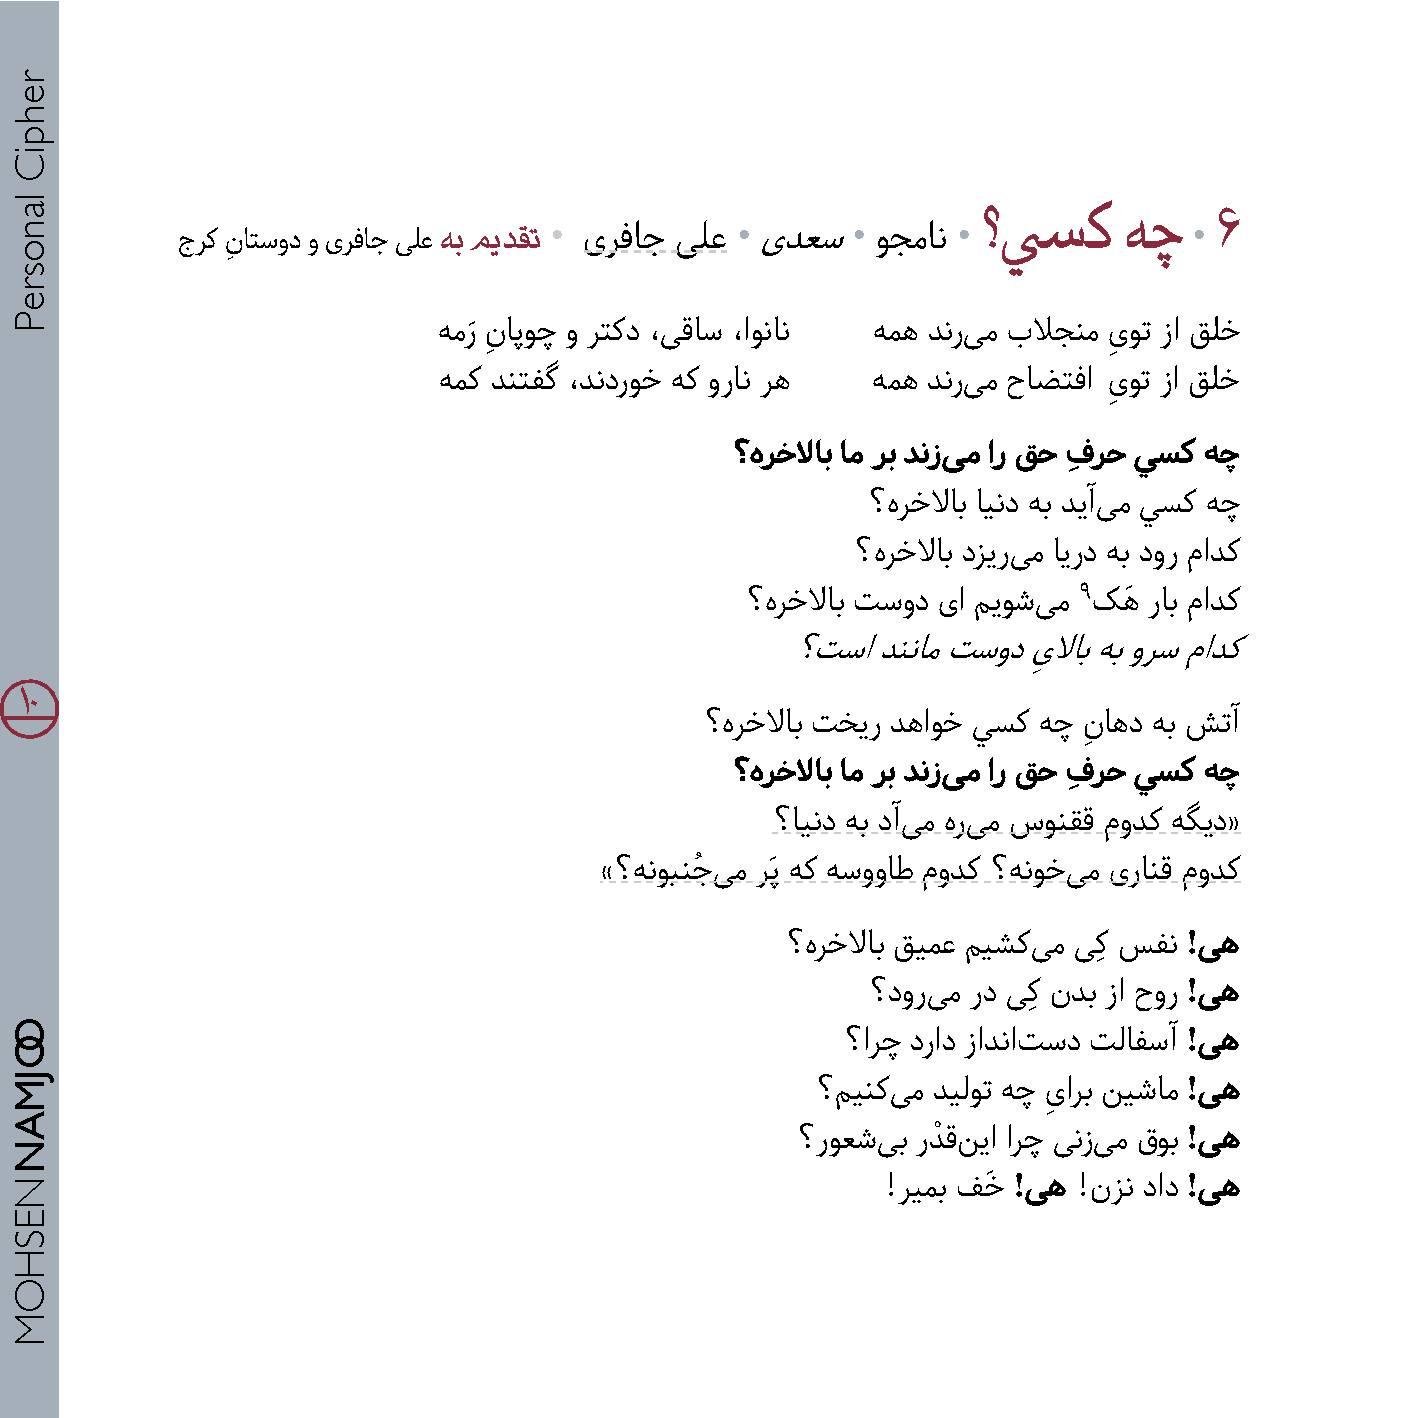 file-page10.jpg